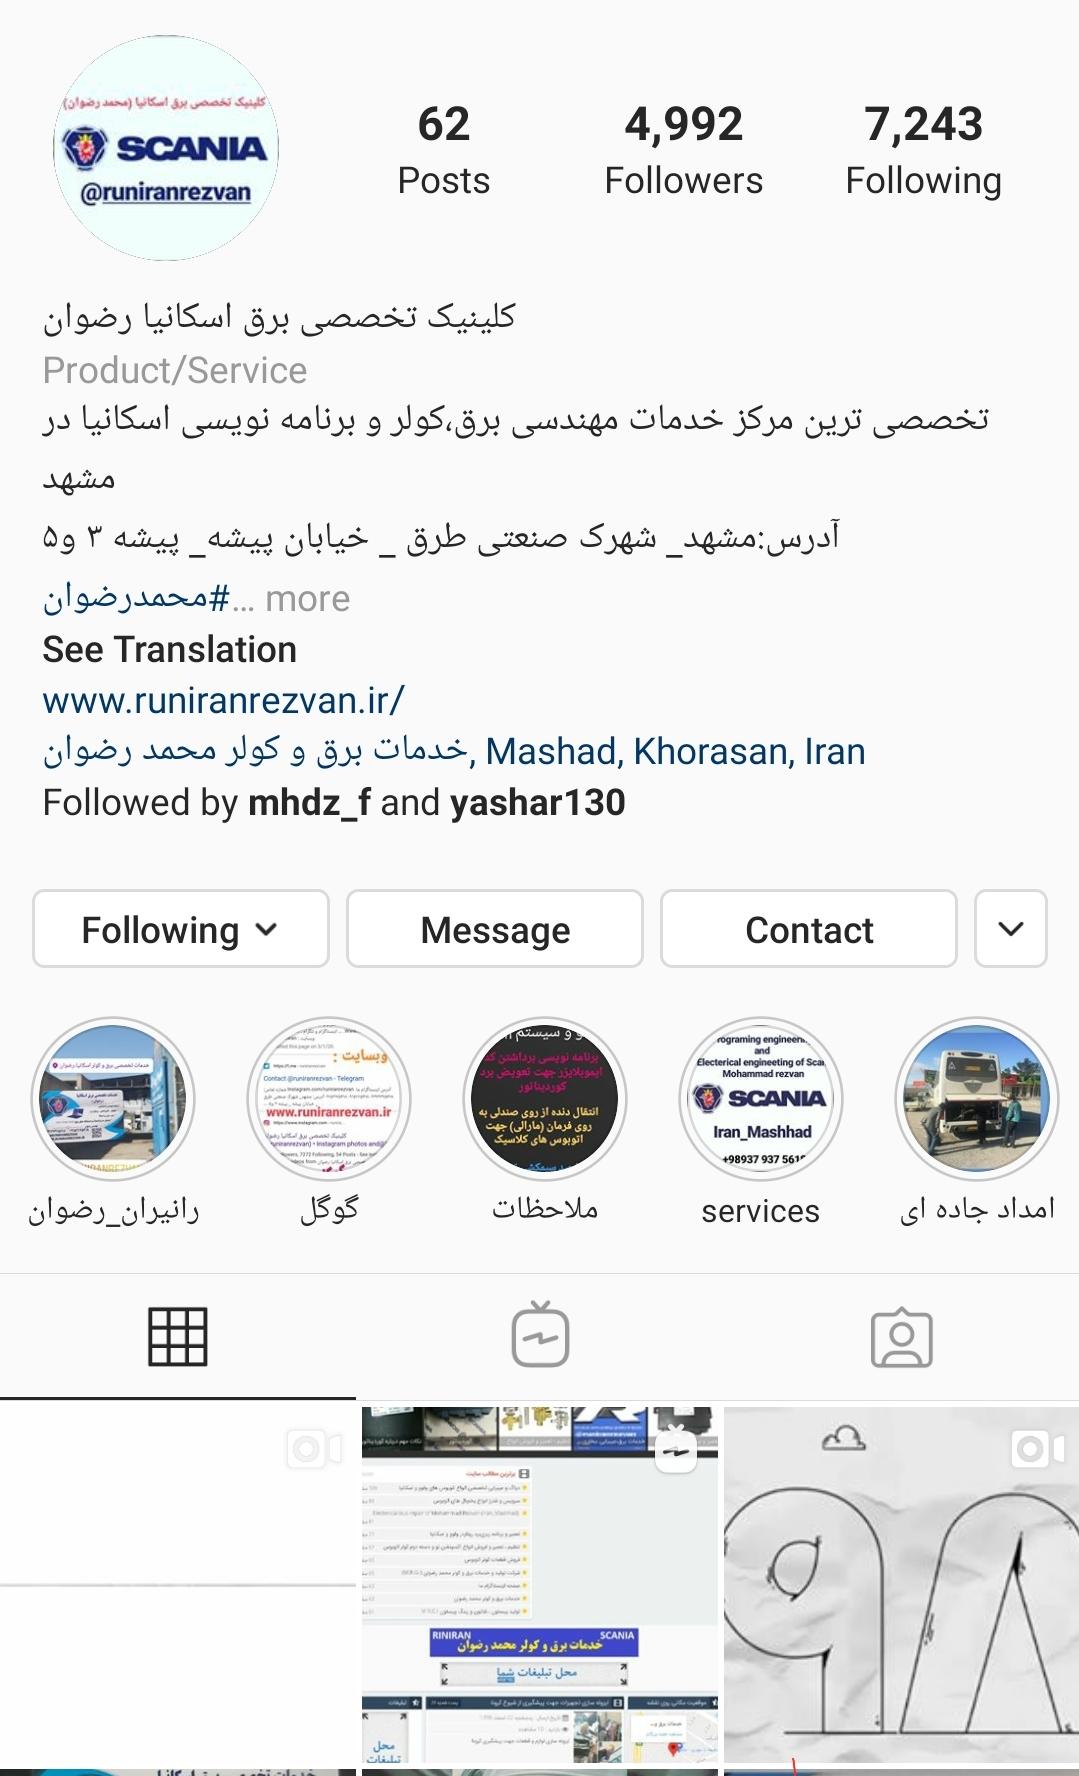 معرفی صفحه اینستاگرام runiranrezvan